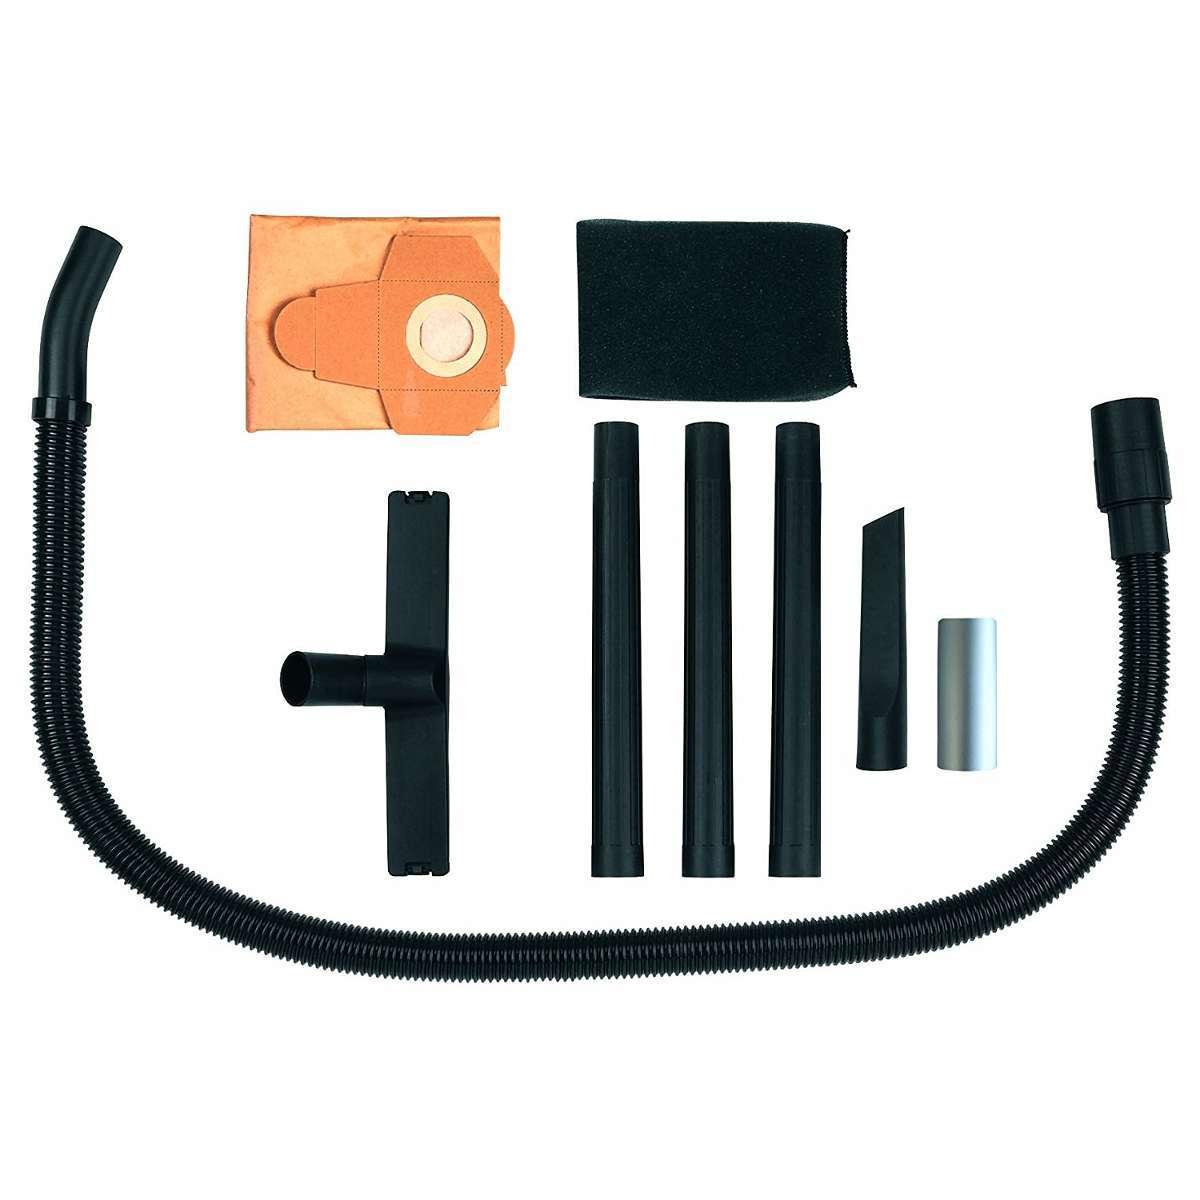 Bidone aspiratutto solidi e liquidi einhell th vc 1820 s - Interruttore sonoro ...